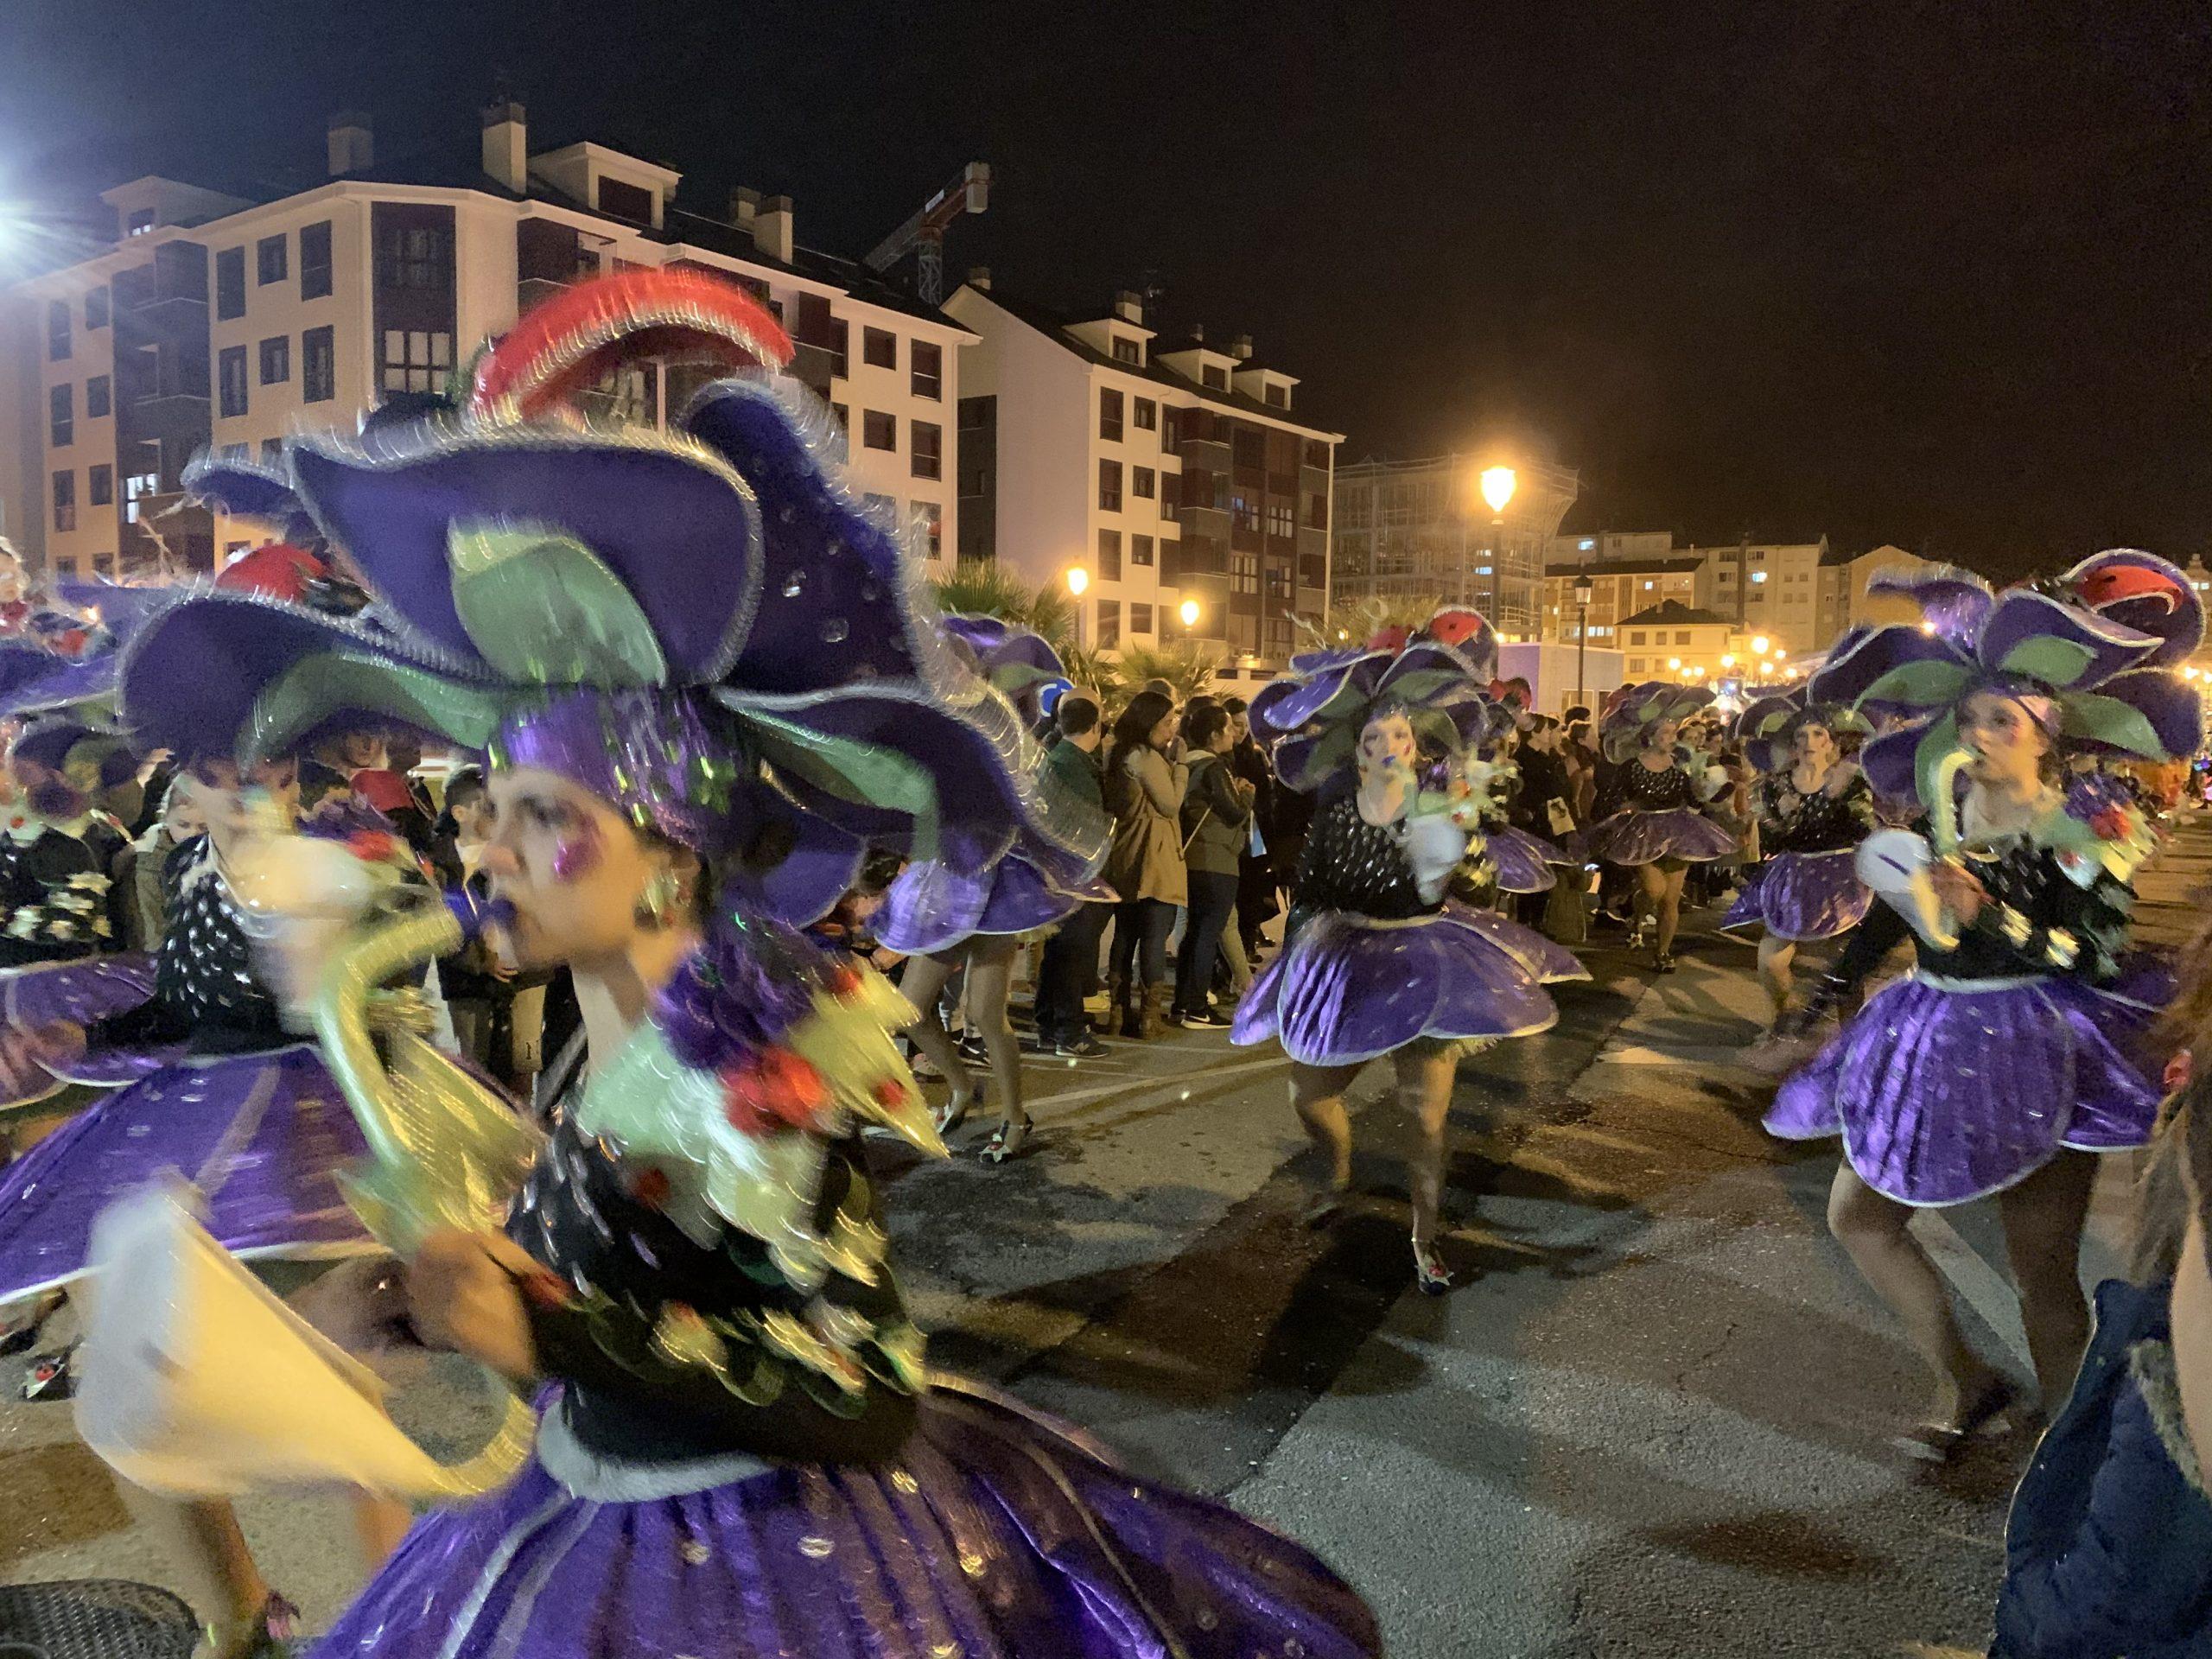 Se esperan más de 600 participantes en el Desfile de Carnaval de Navia